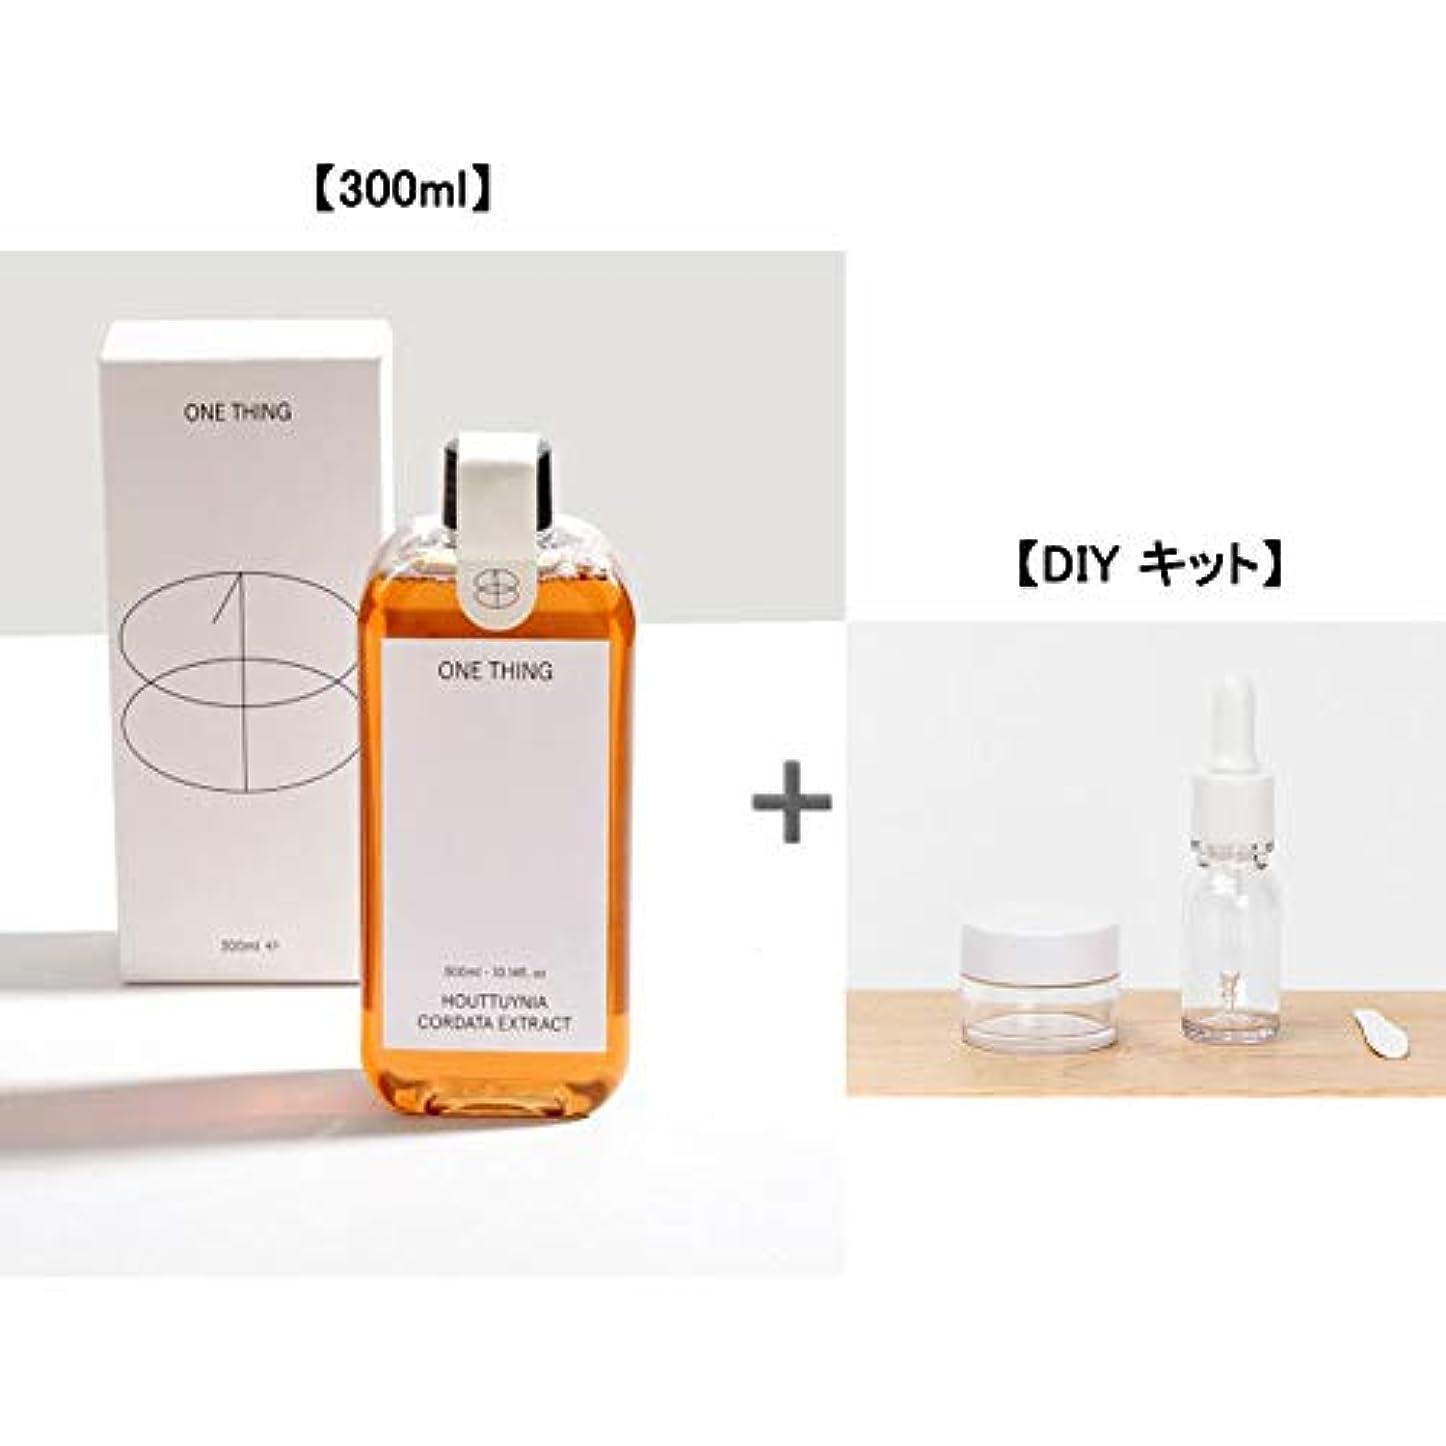 レコーダー血安心させる[ウォンシン]ドクダミエキス原液 300ml /トラブル性肌、頭皮ケアに効果的/化粧品に混ぜて使用可能[並行輸入品] (ドクダミ 原液 300ml + DIY 3 Kit)